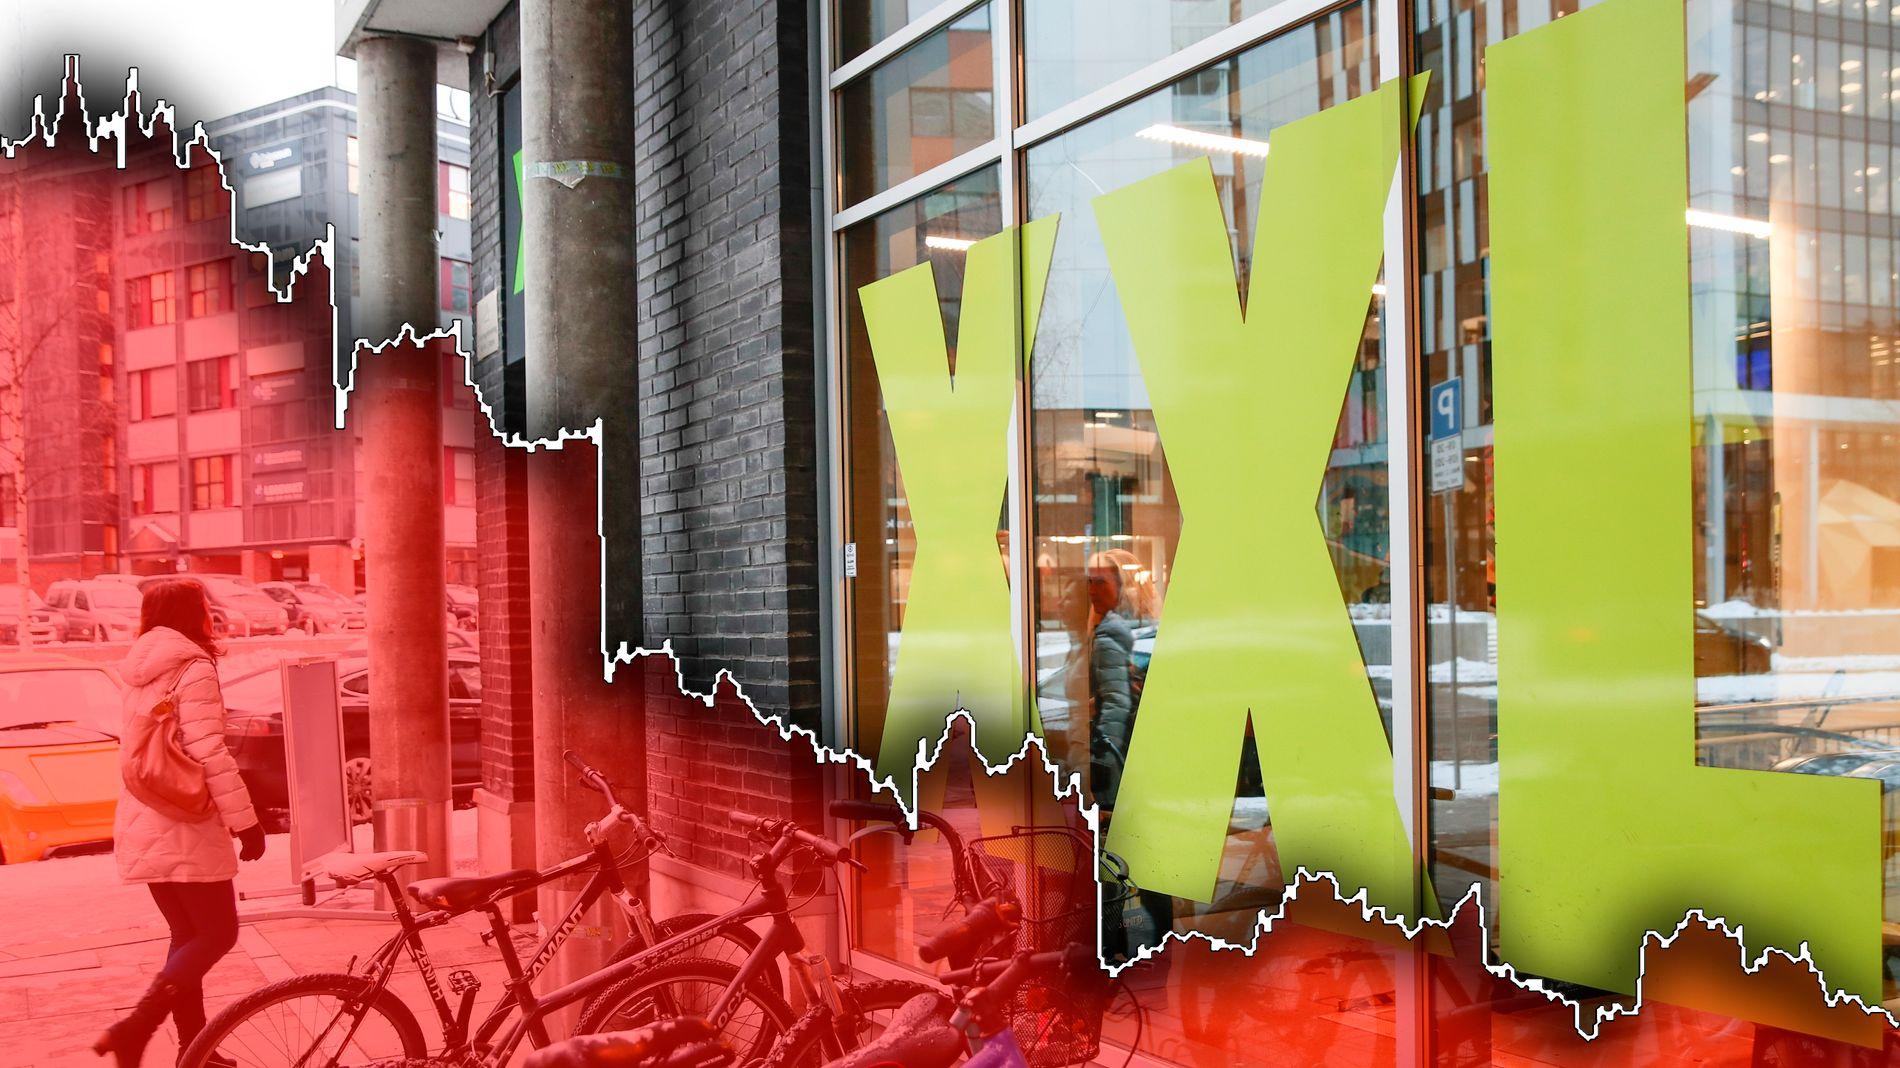 RAS: Aksjekursen til XXL har falt betydelig fra i overkant av 100 kroner per aksje i 2016 til rundt 22 kroner i september 2019.